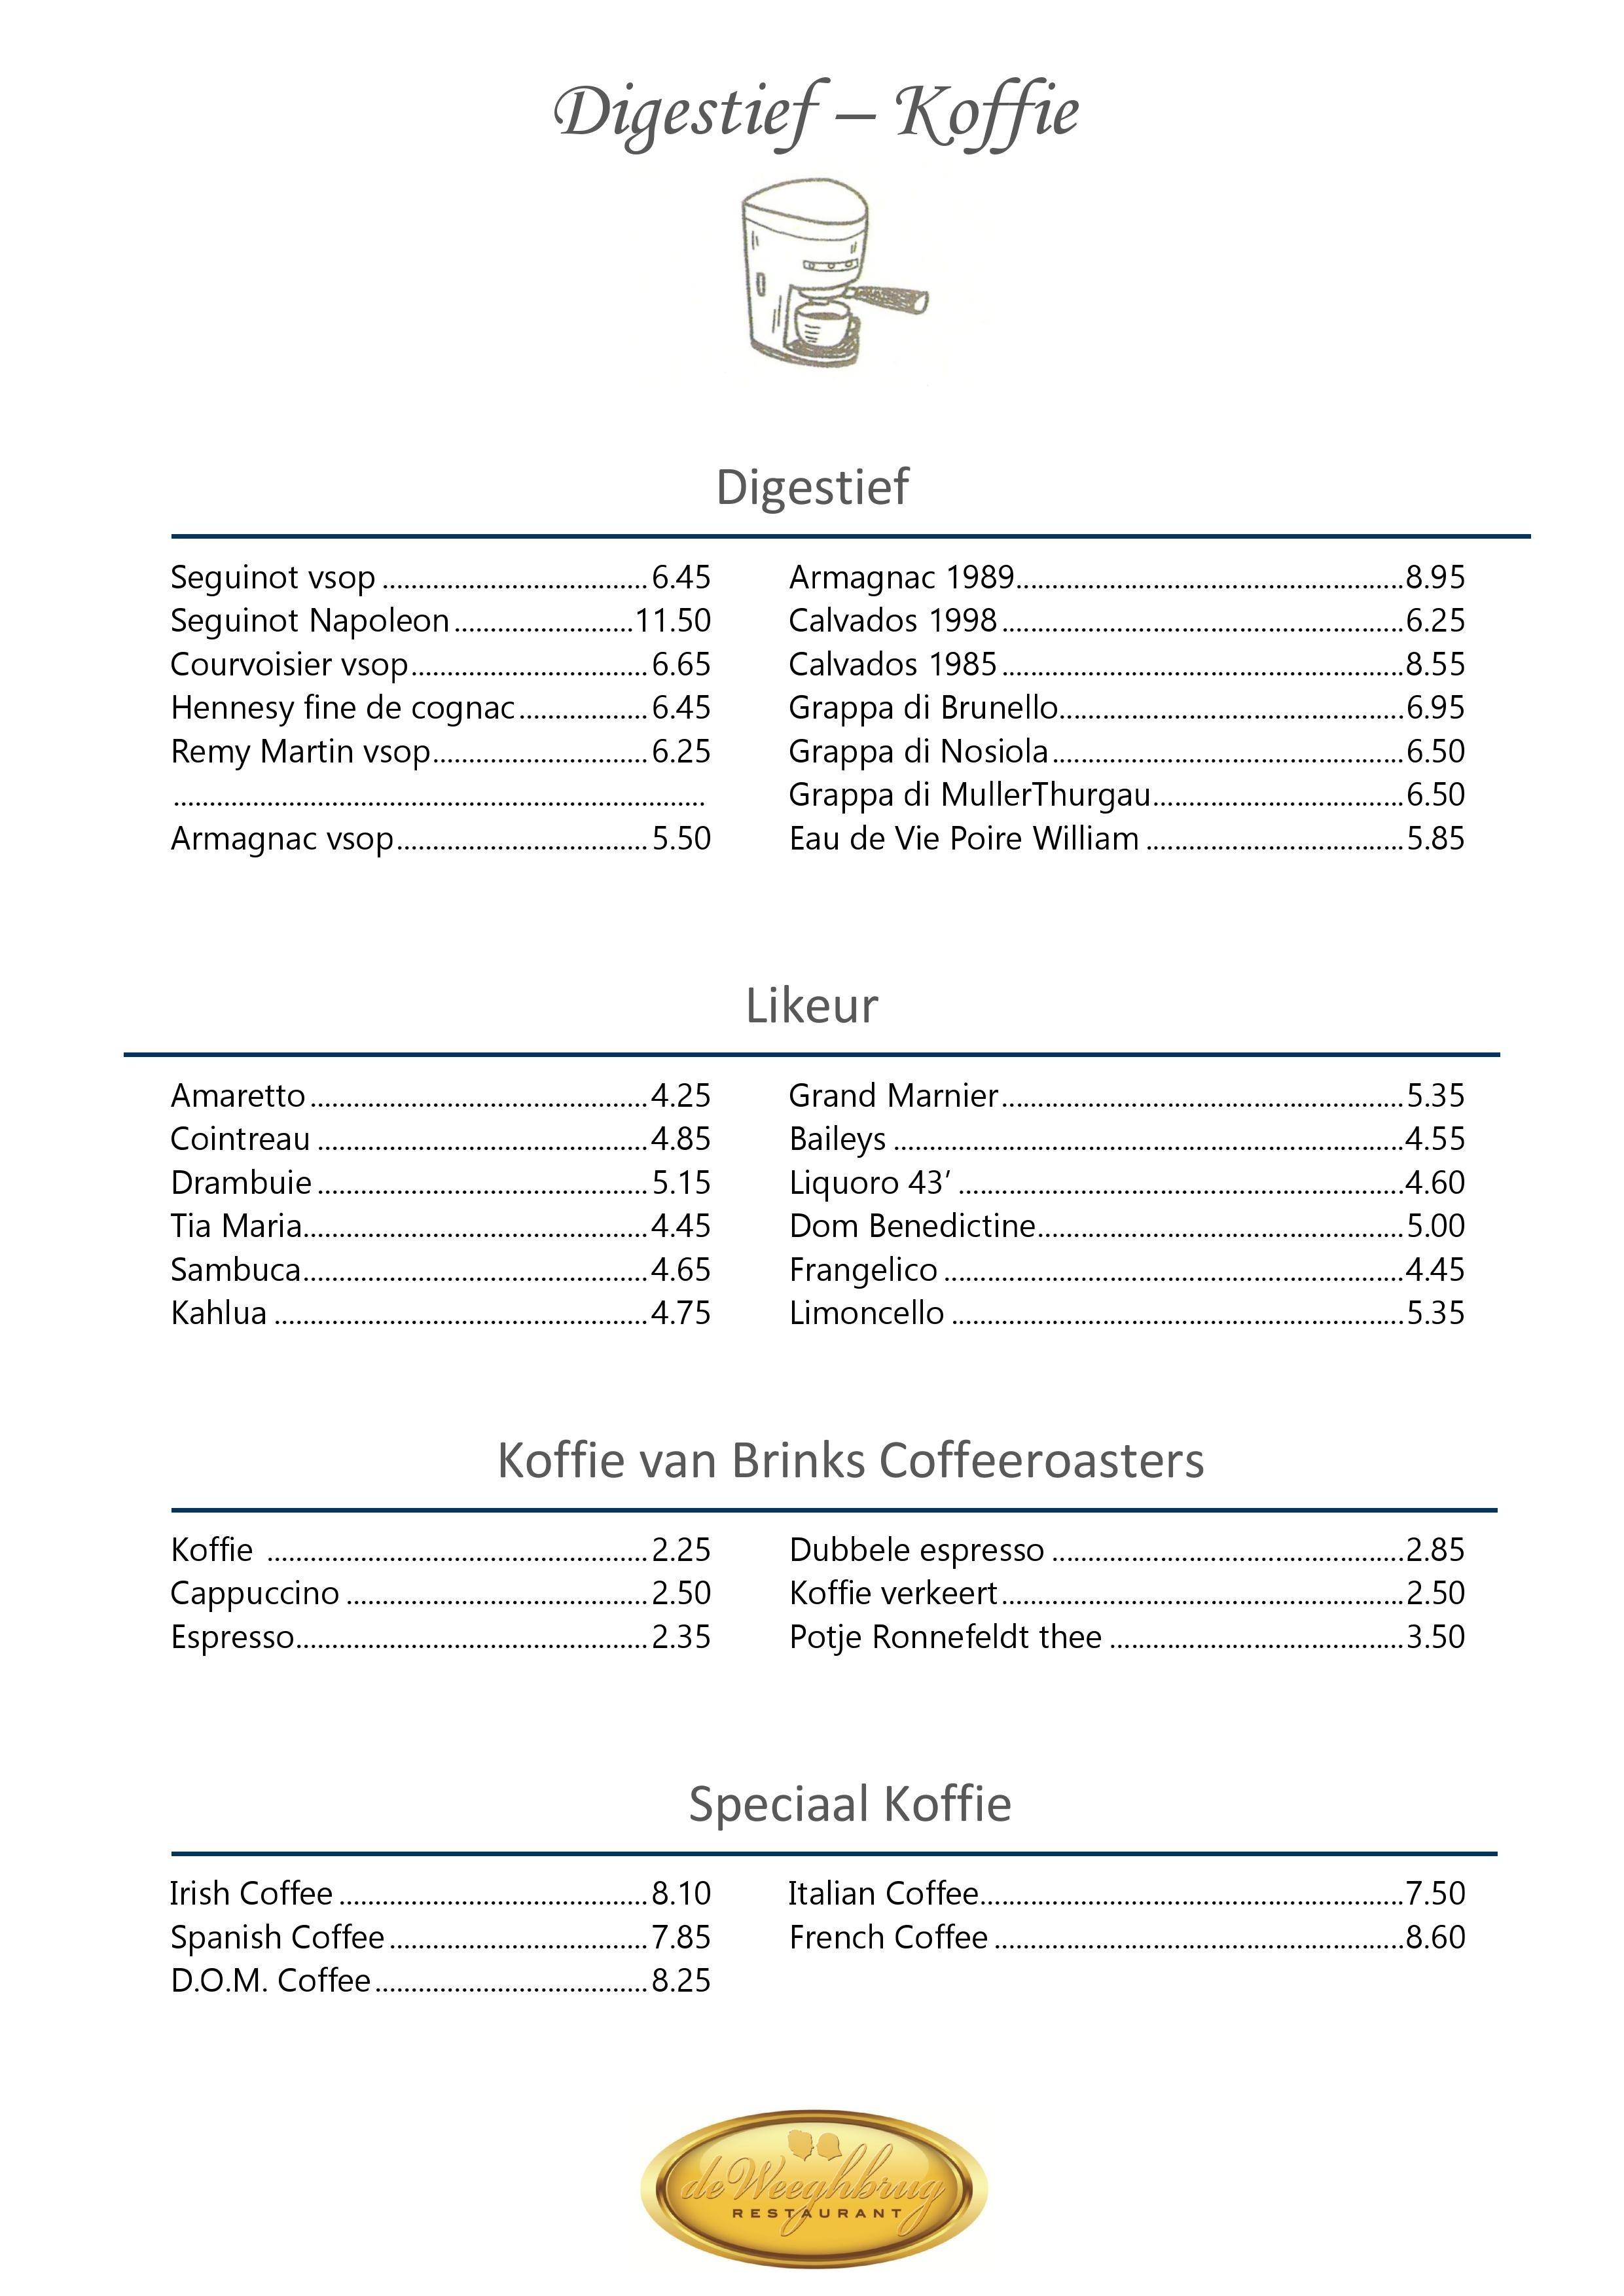 Koffie & digestief